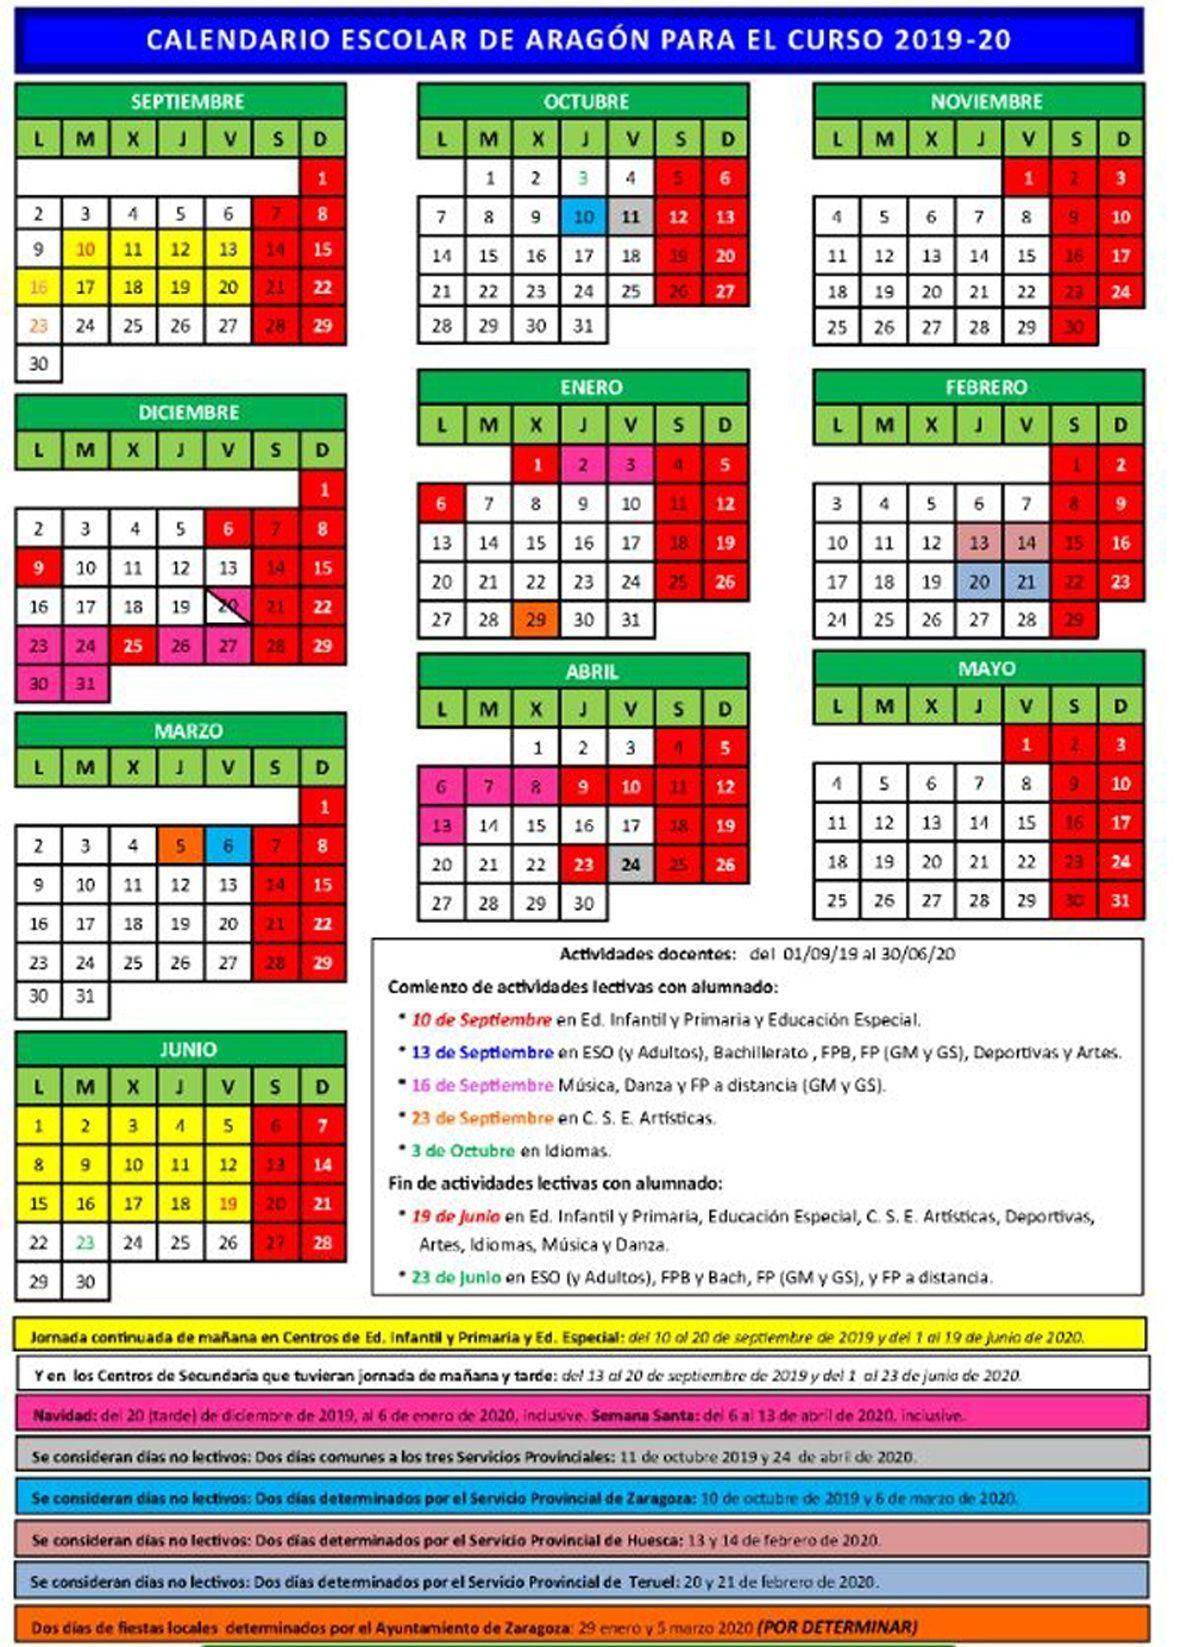 Calendario Escolar 2020 Aragon.Calendario Escolar 2019 2020 En Aragon Educacion 3 0